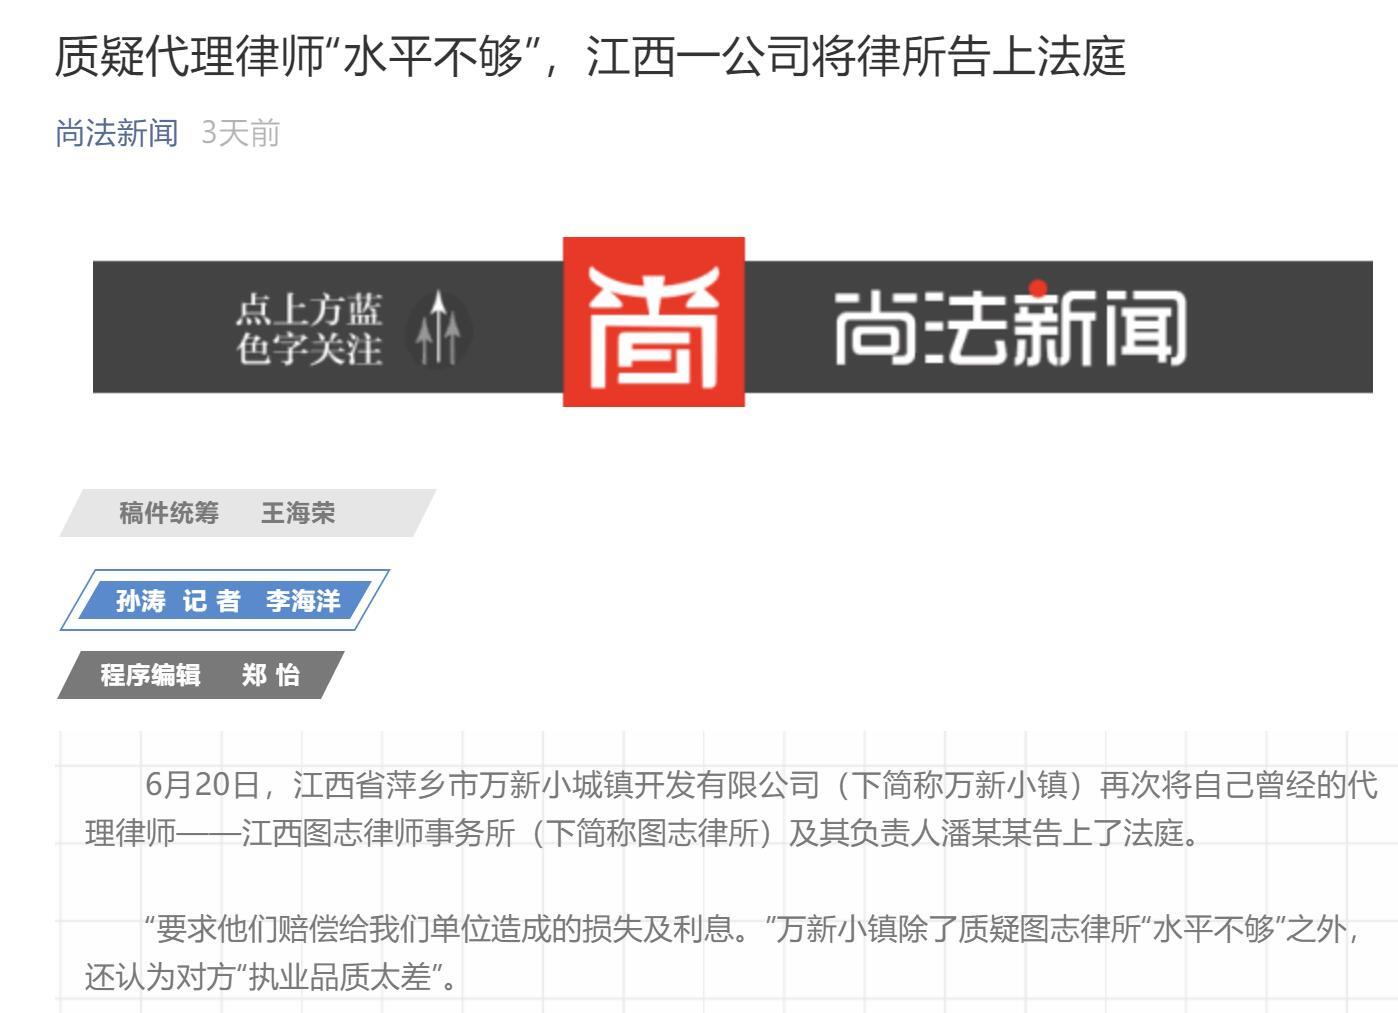 """质疑代理律师""""水平不够"""",江西一公司将图志律所告上法庭"""